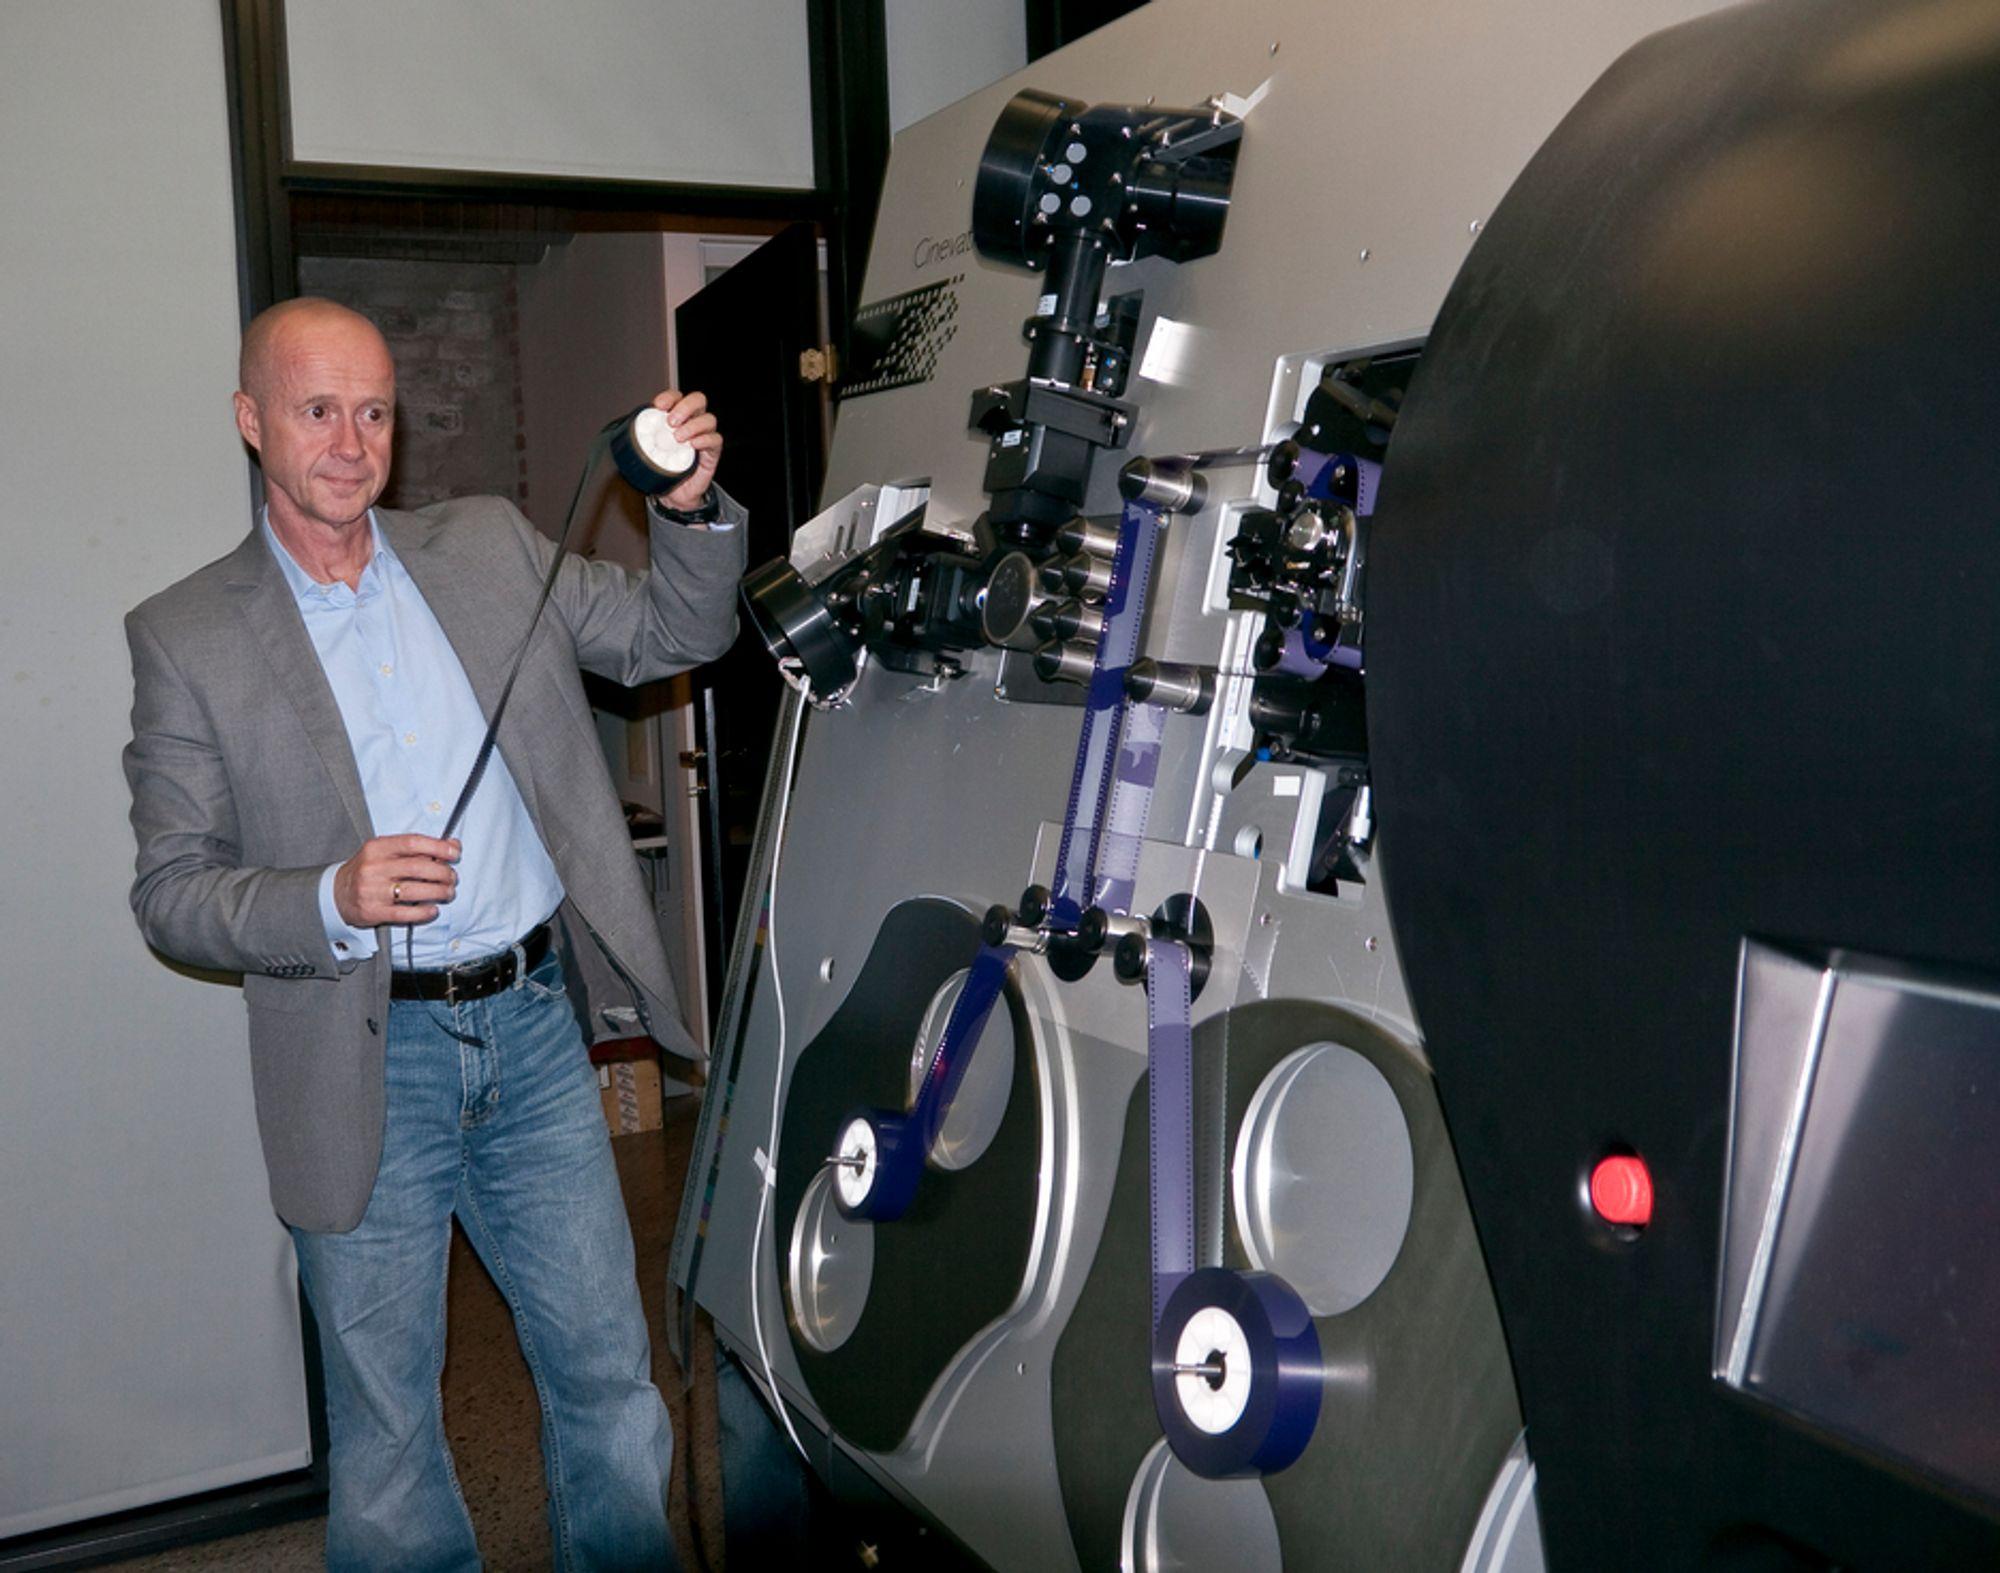 ANALOGT: Administrerende direktør Bjørn Sæterøy i Cinevation ved maskinen de har konstruert for å lage analog film av digitale filer.